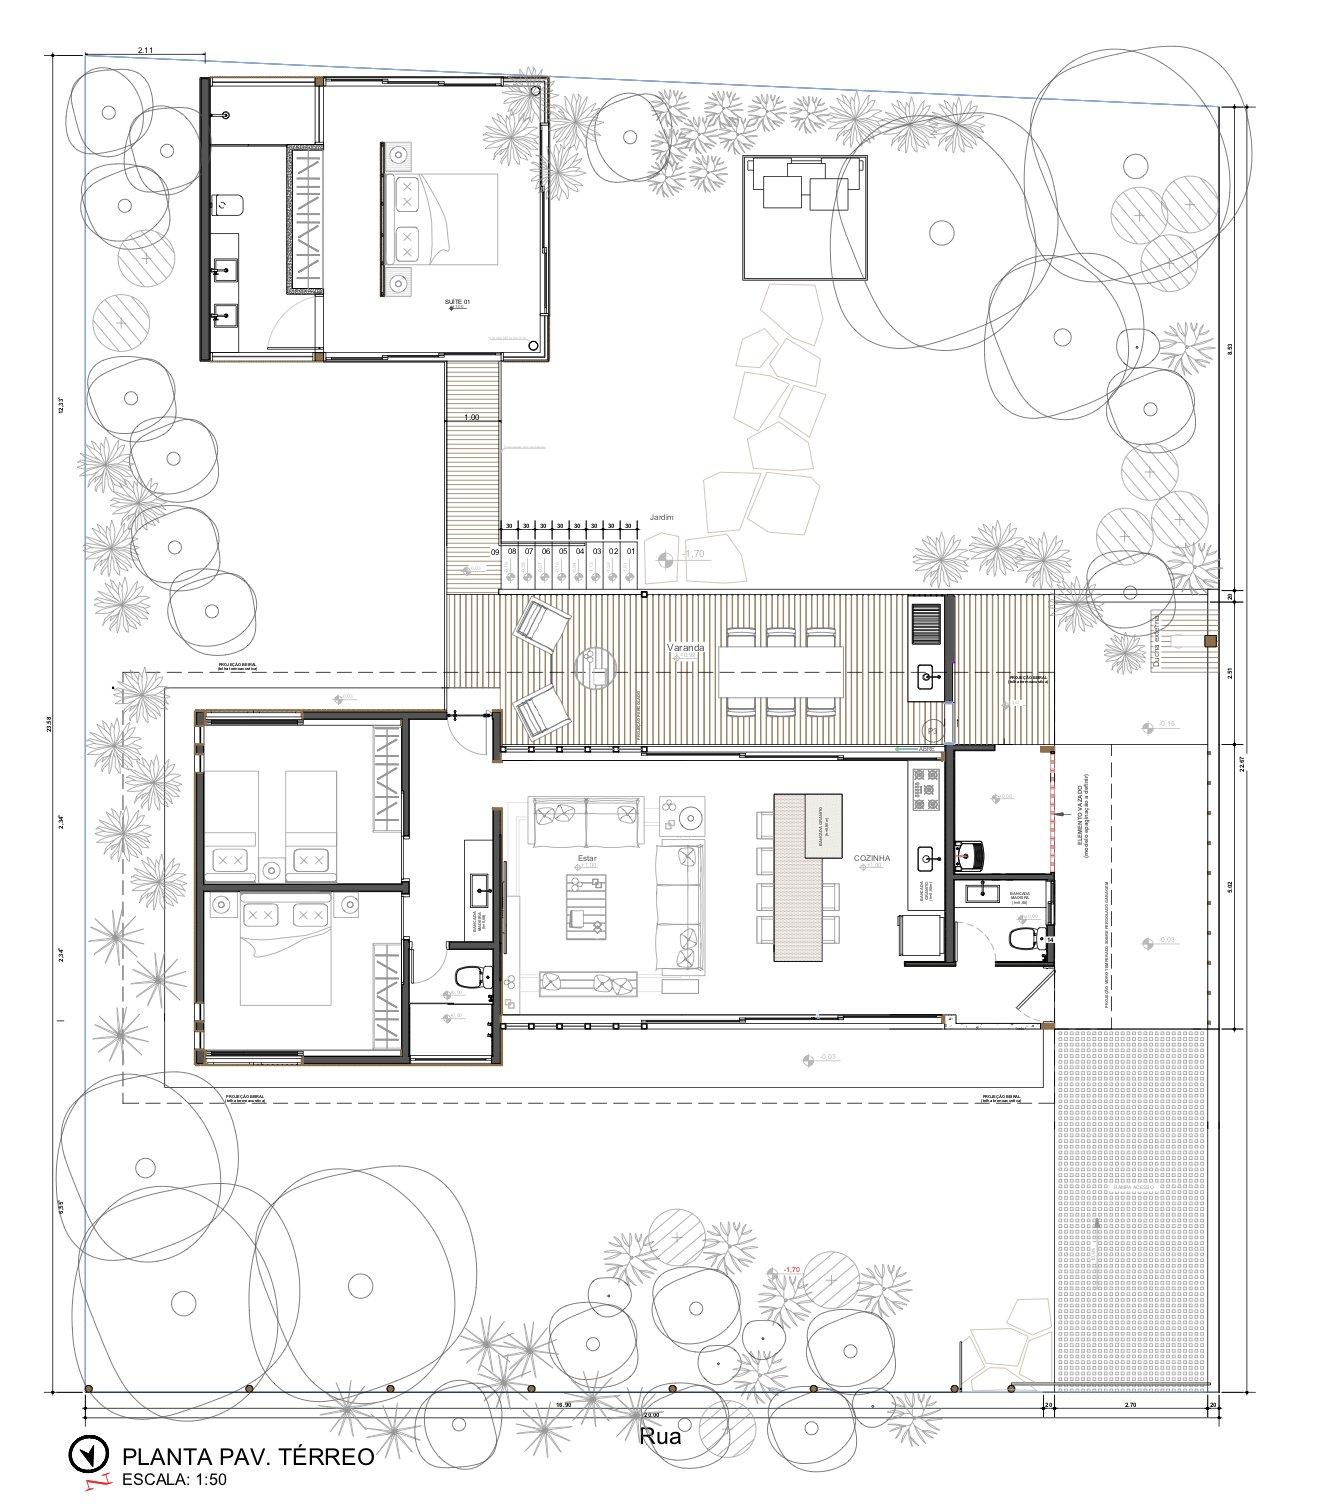 Casa Modelo floor plan